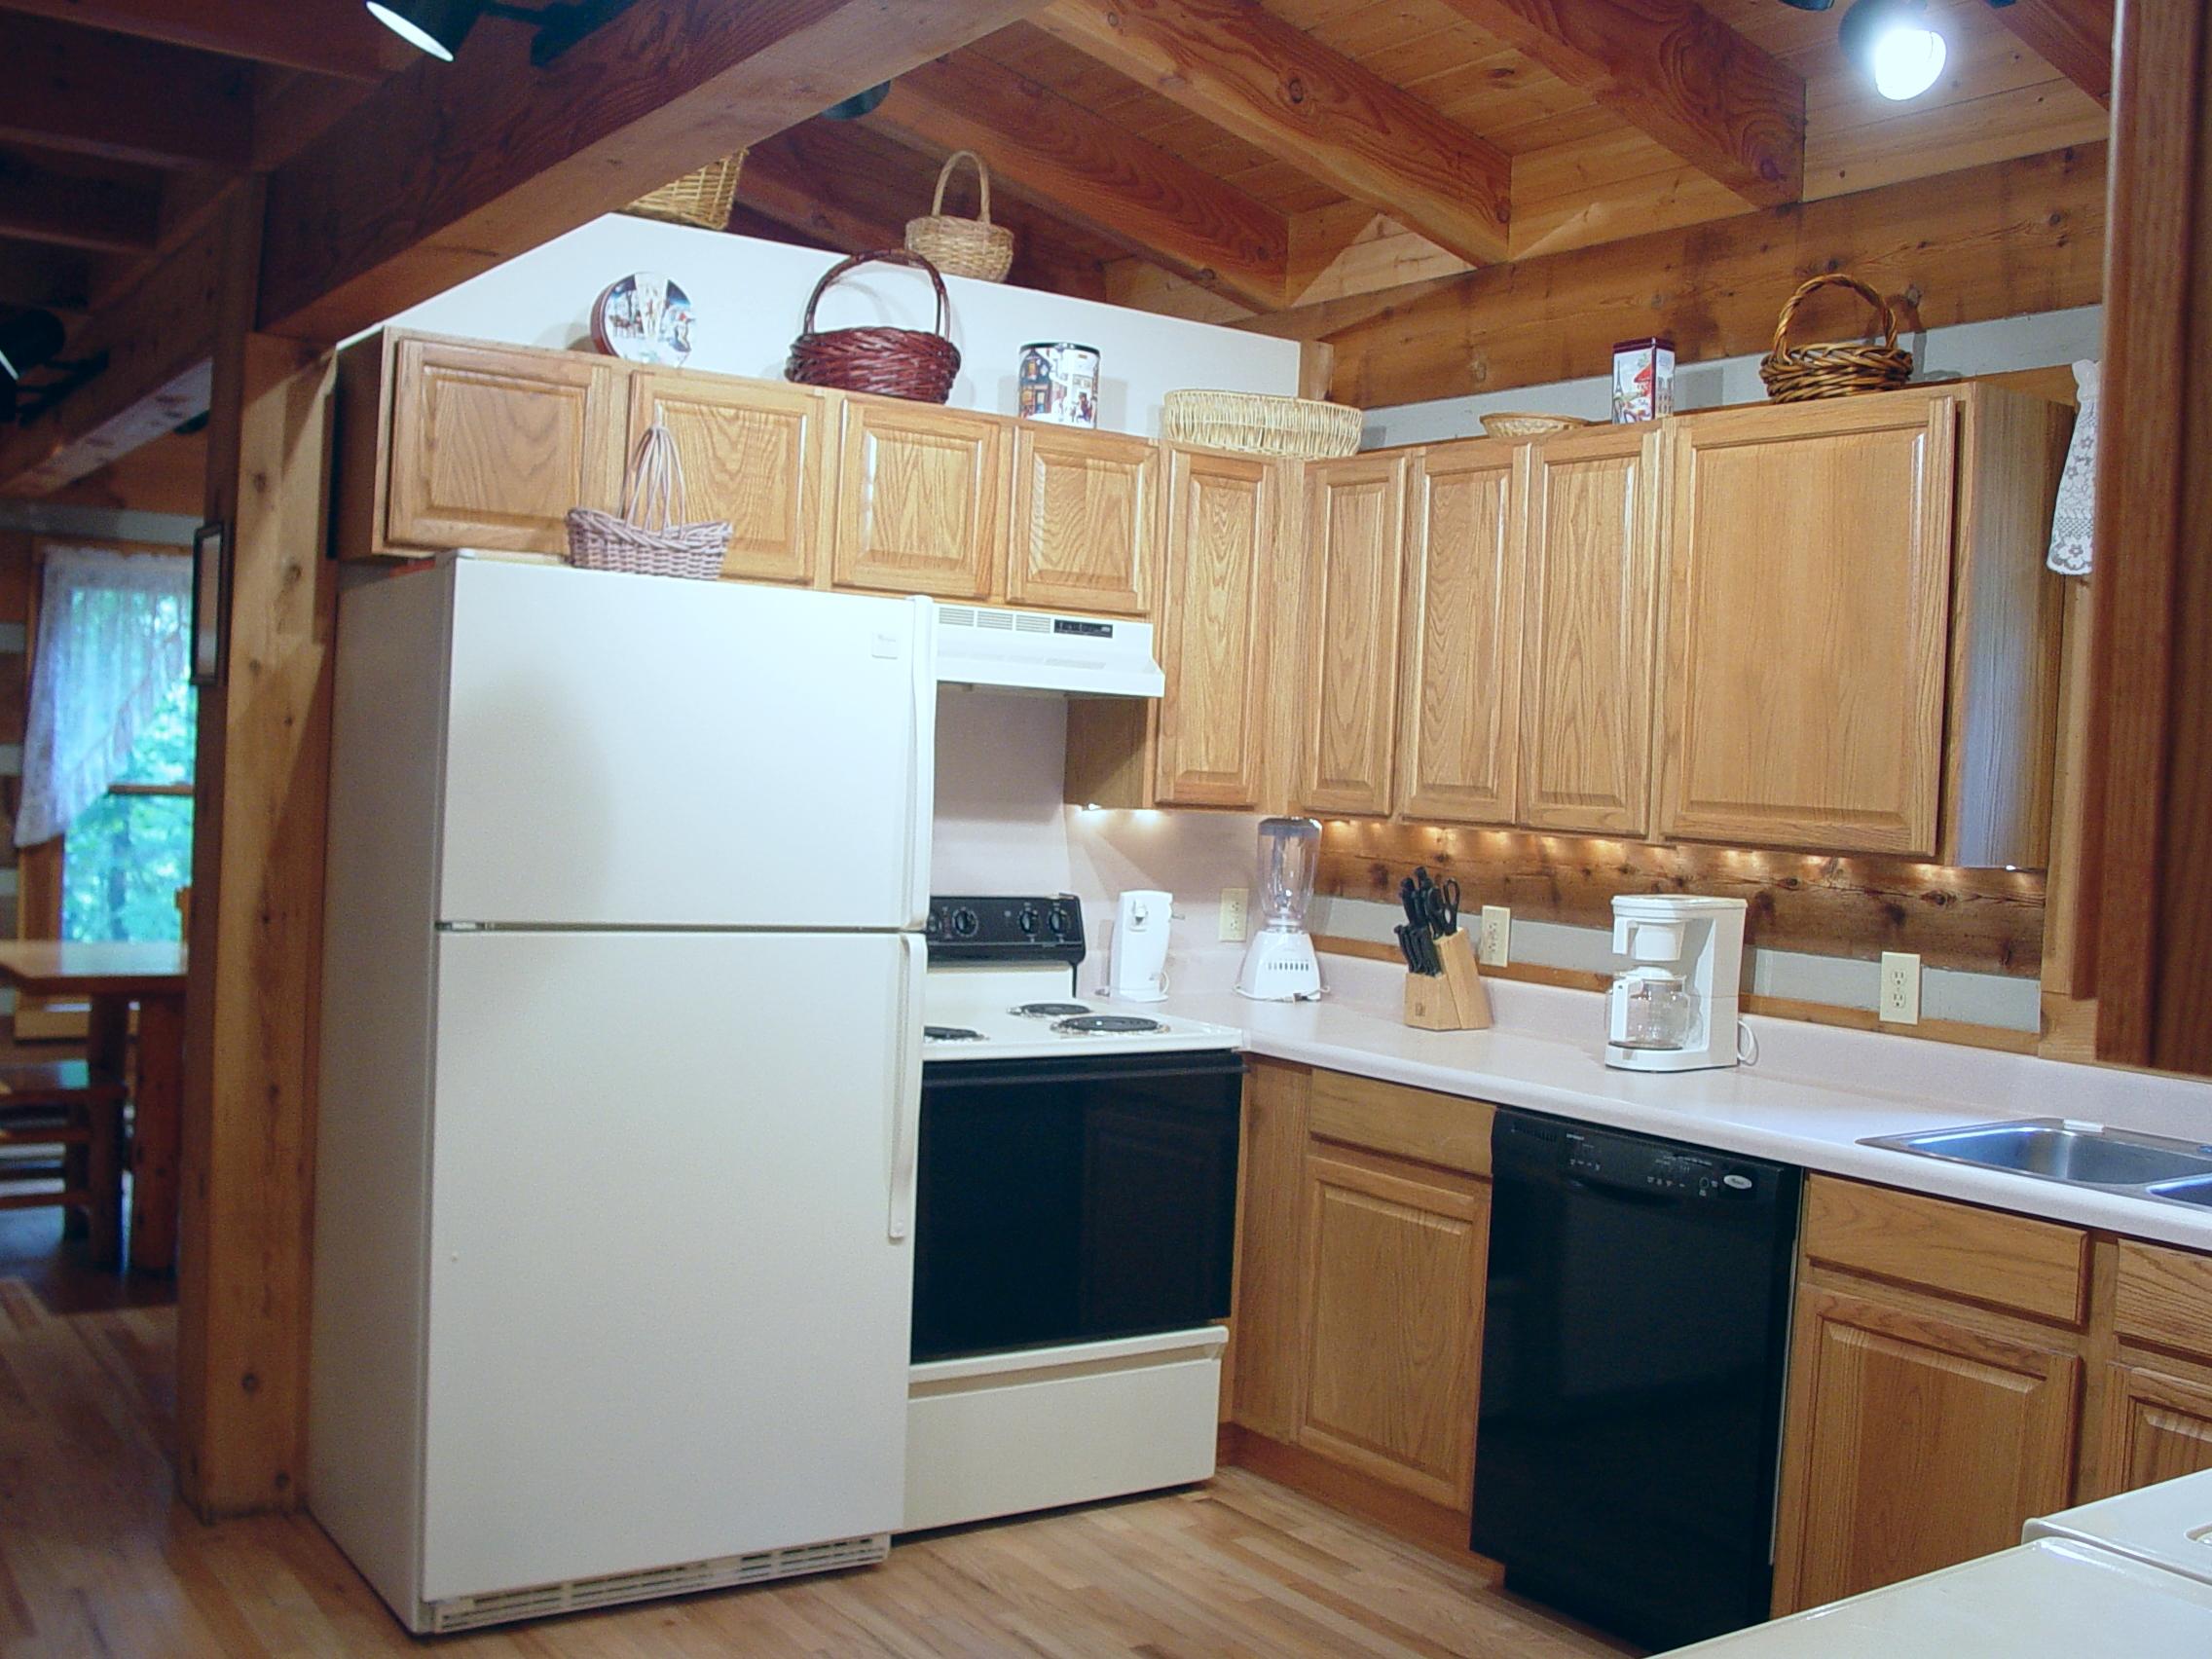 P_C_ Kitchen_09.23.05_021.jpg